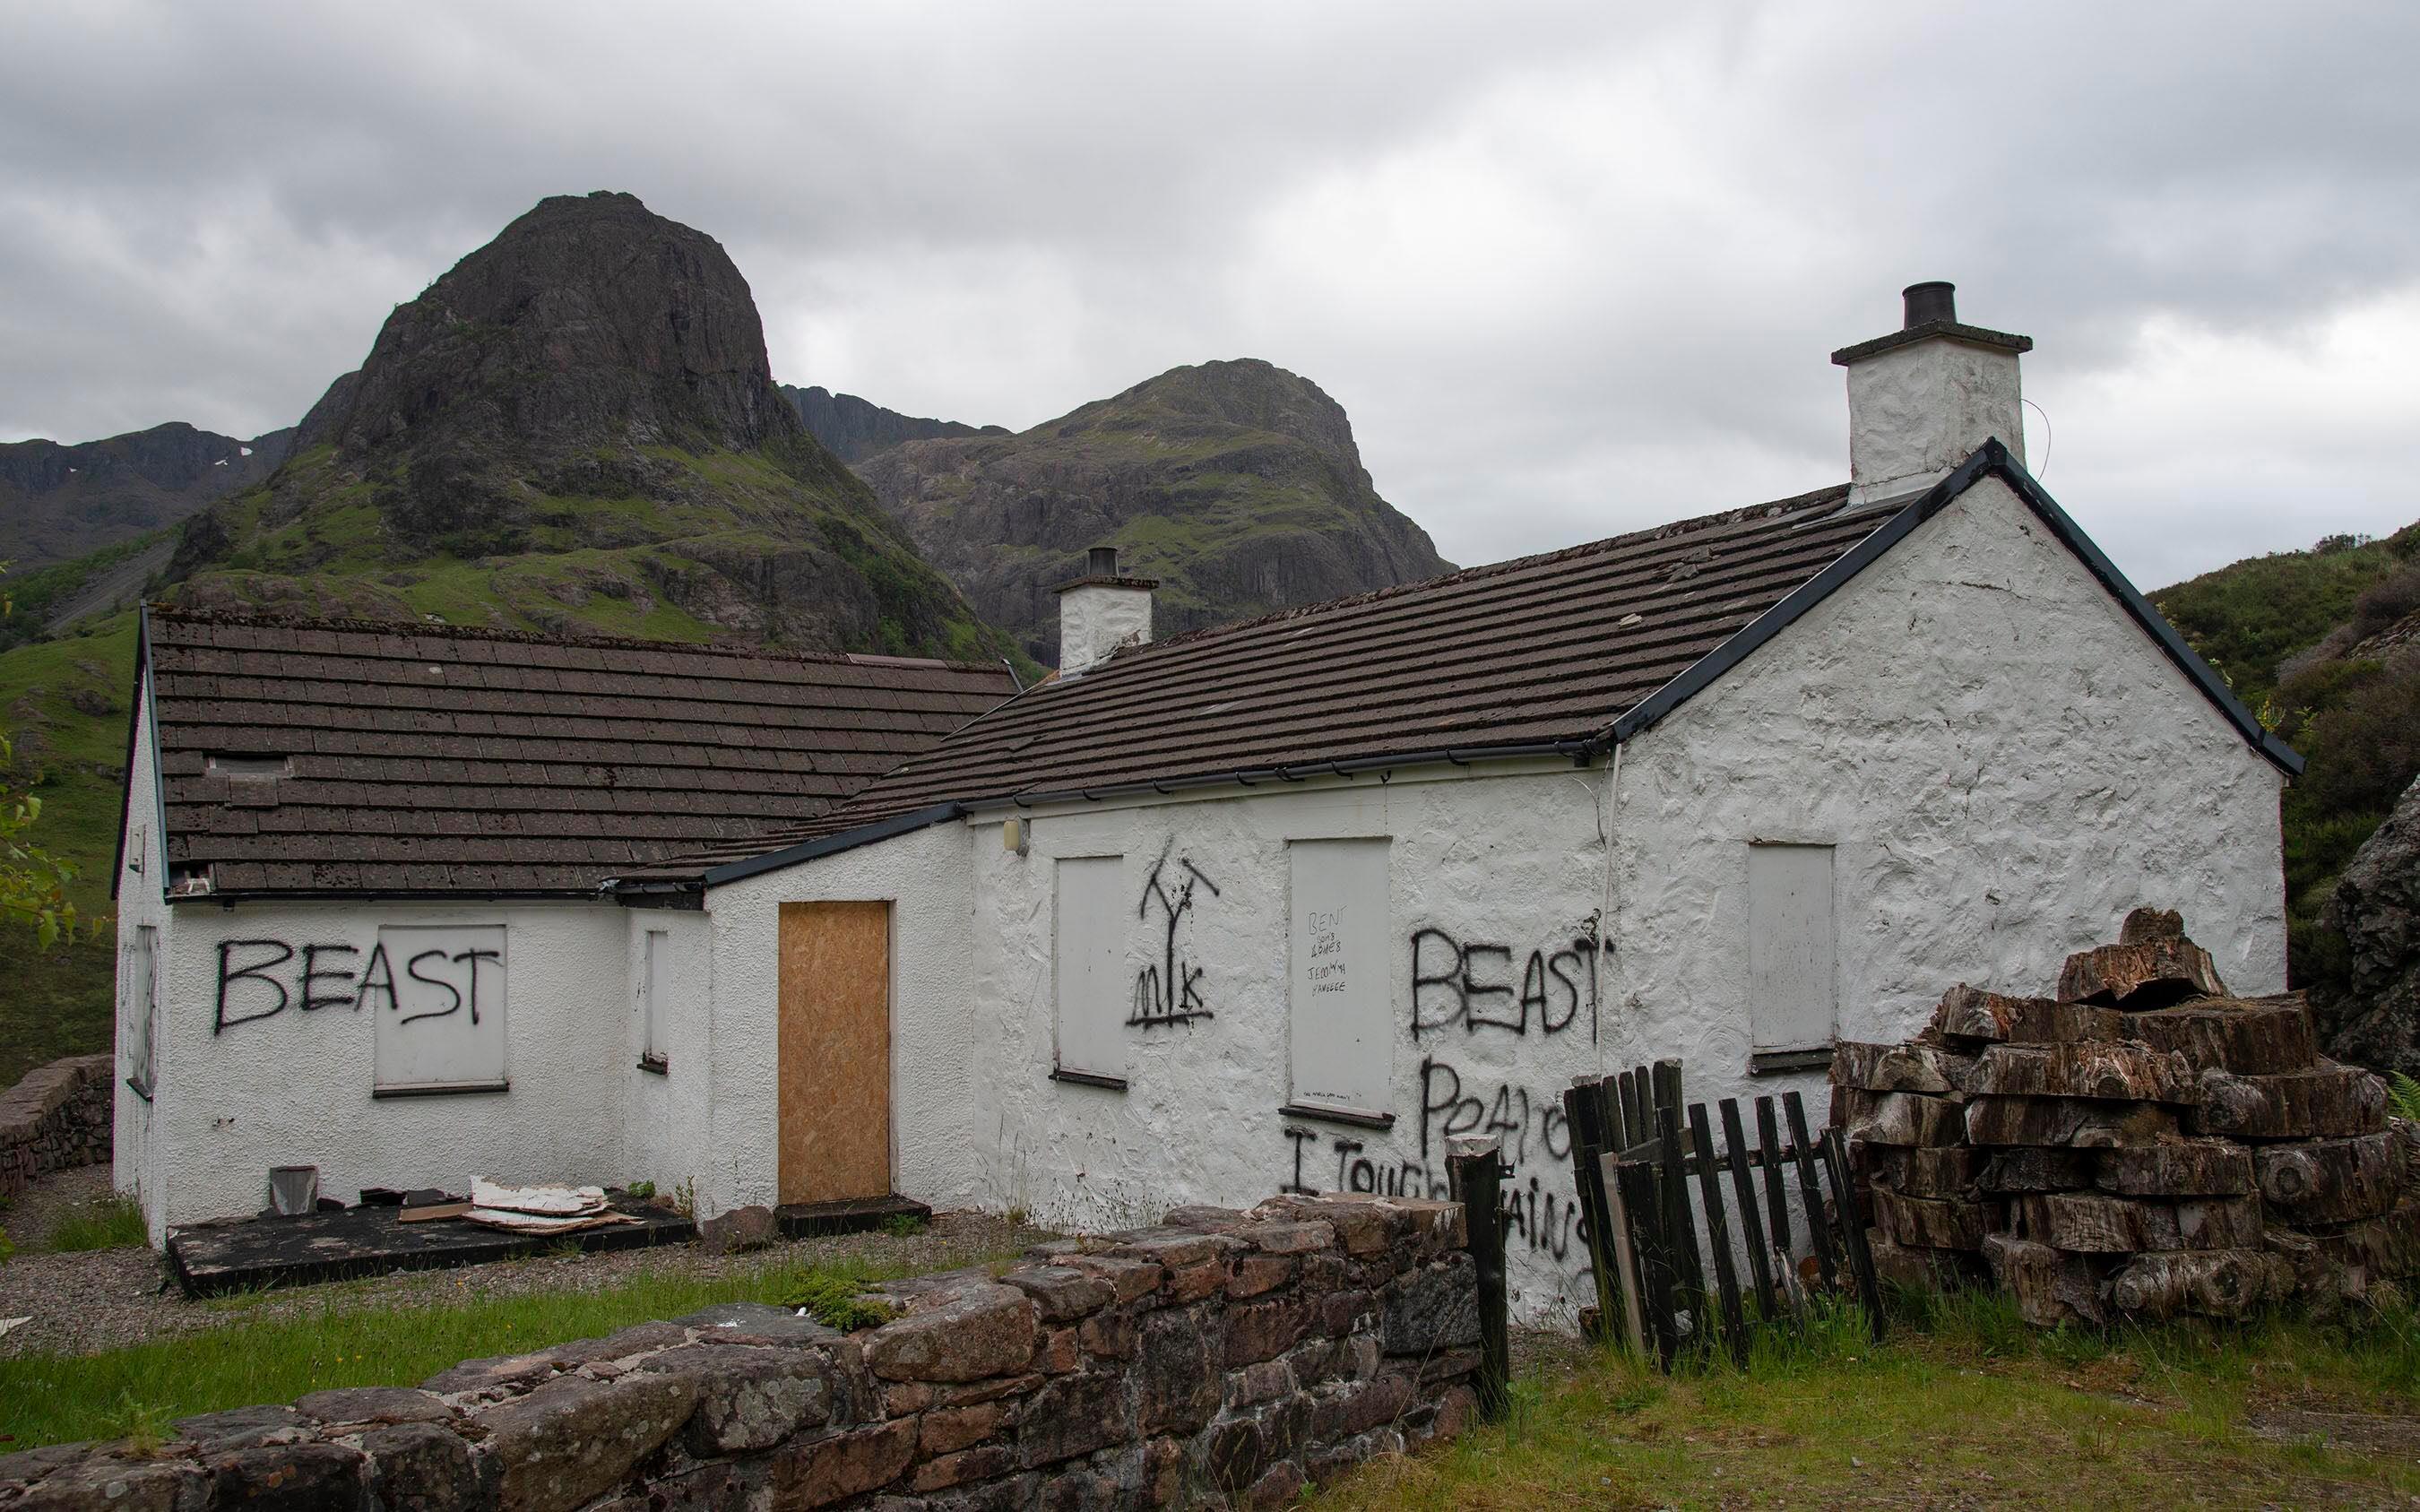 The house in Glencoe